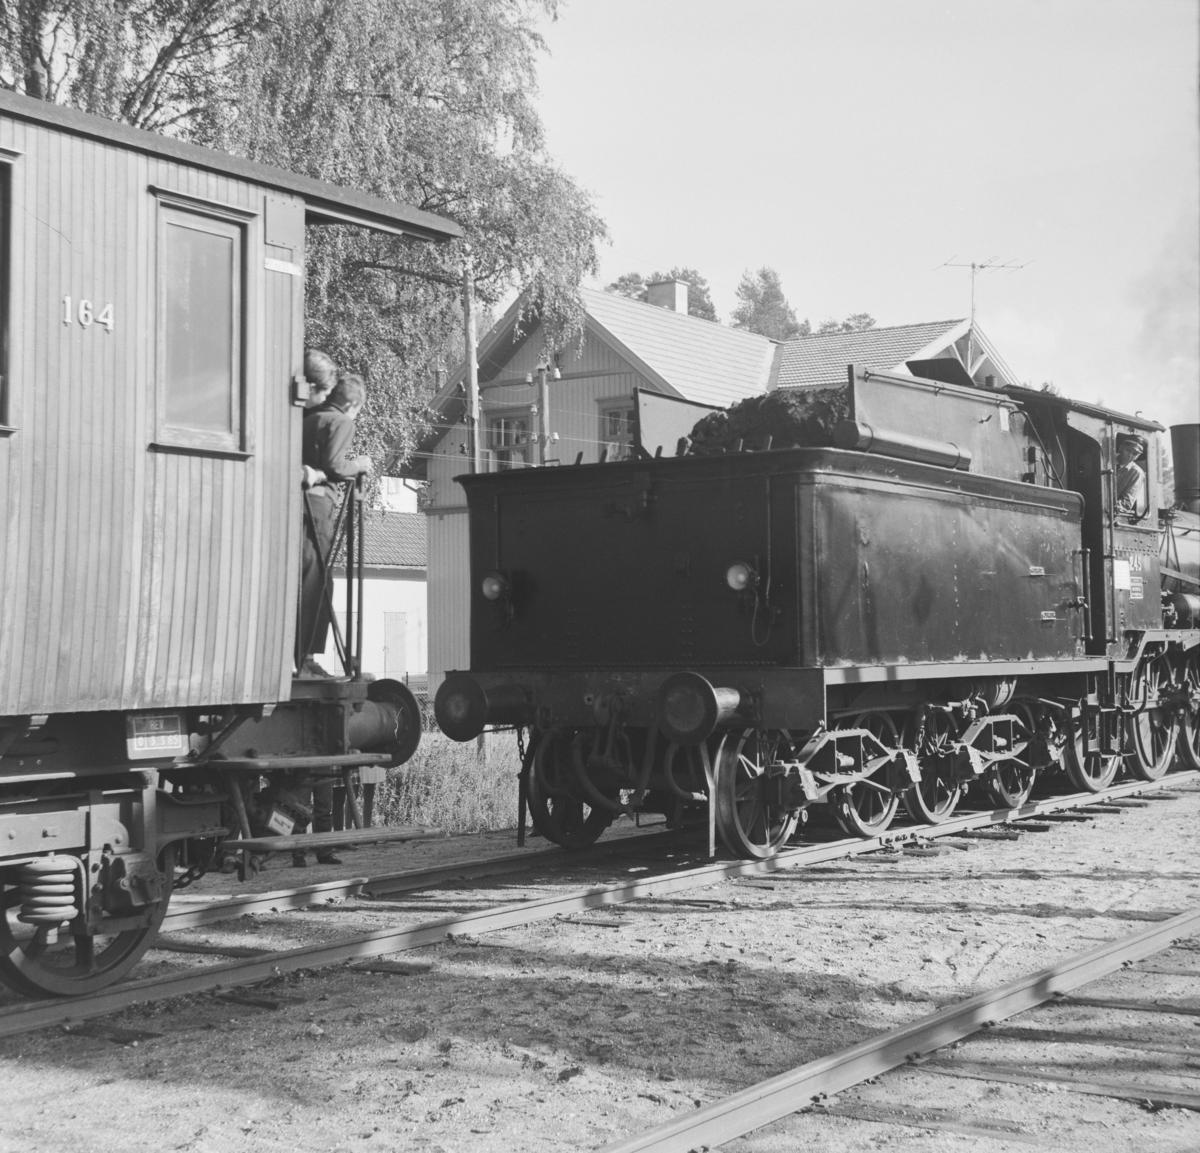 A/L Hølandsbanens veterantog kobles sammen før avgang fra Krøderen stasjon.